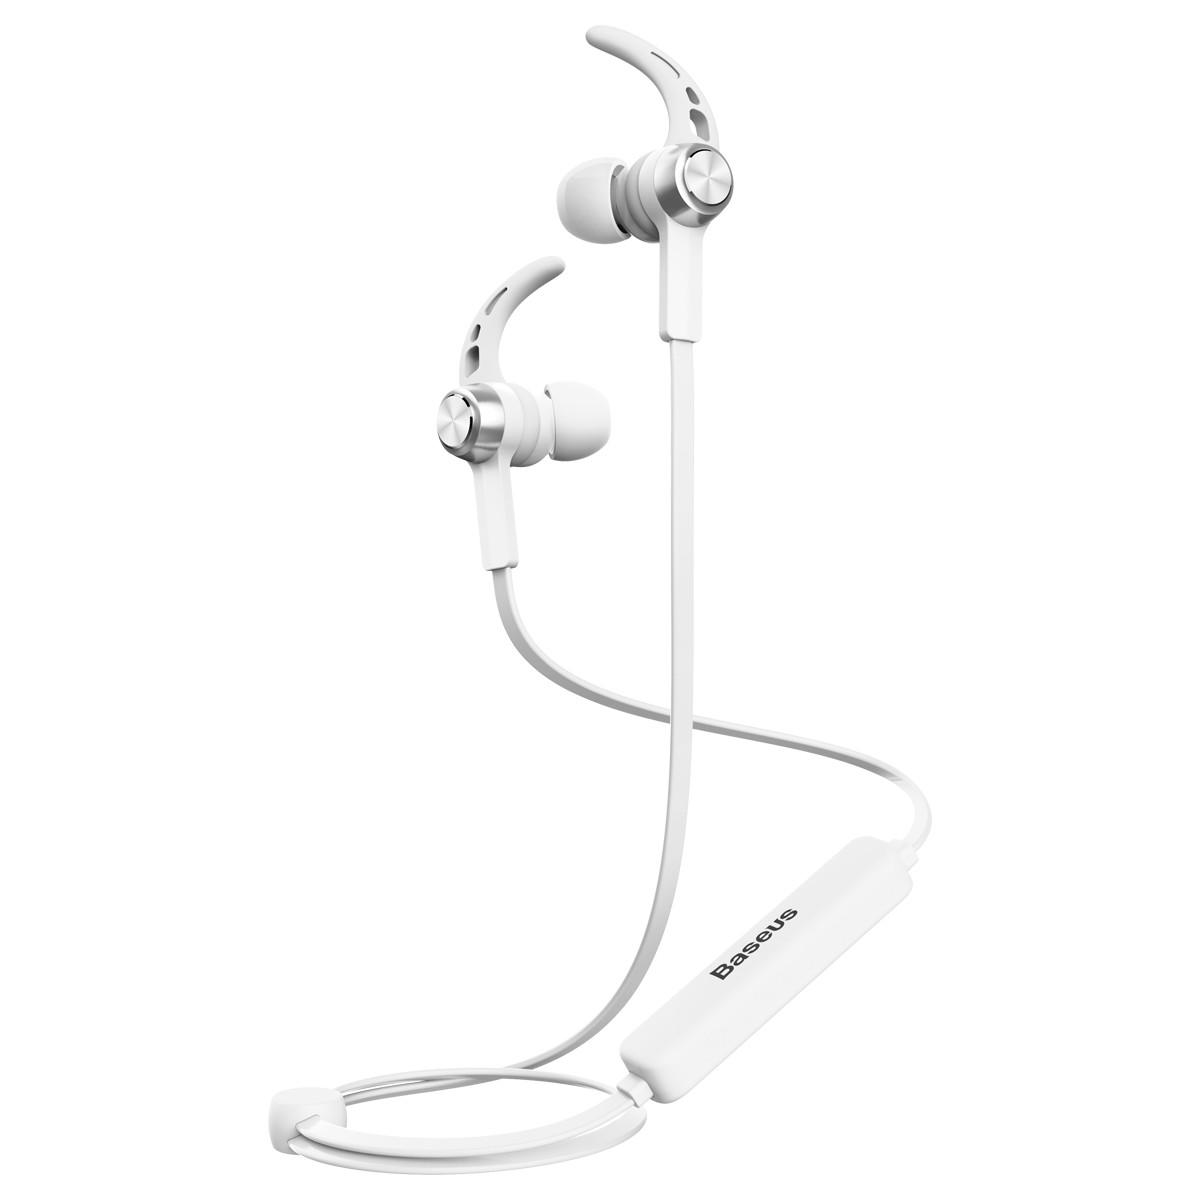 Fone de Ouvido Bluetooth Baseus Licolor B11